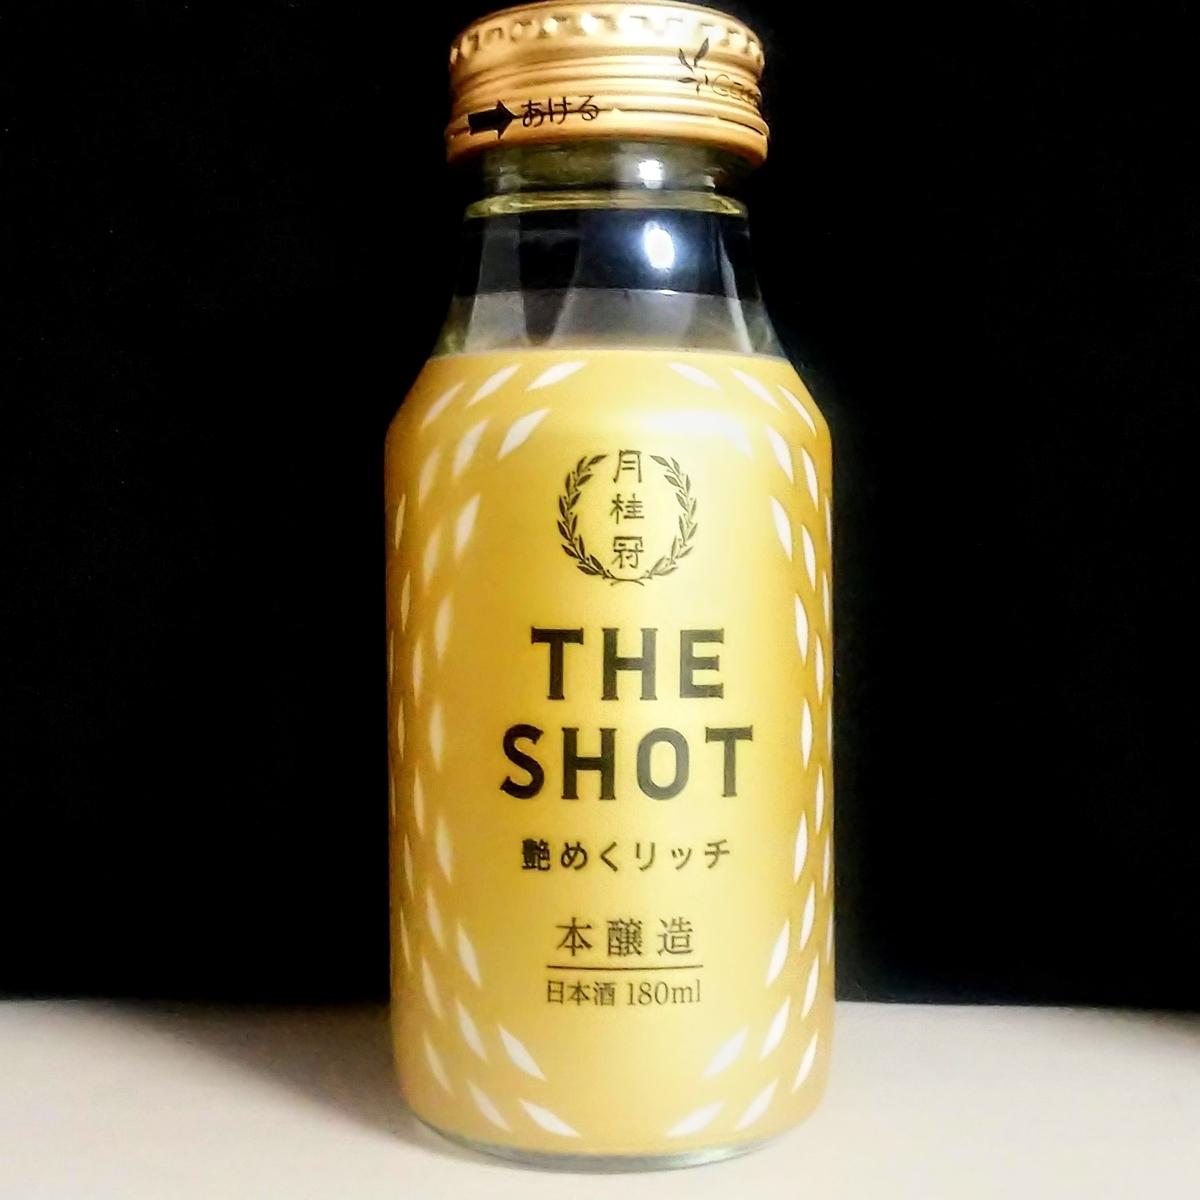 月桂冠 THE SHOT